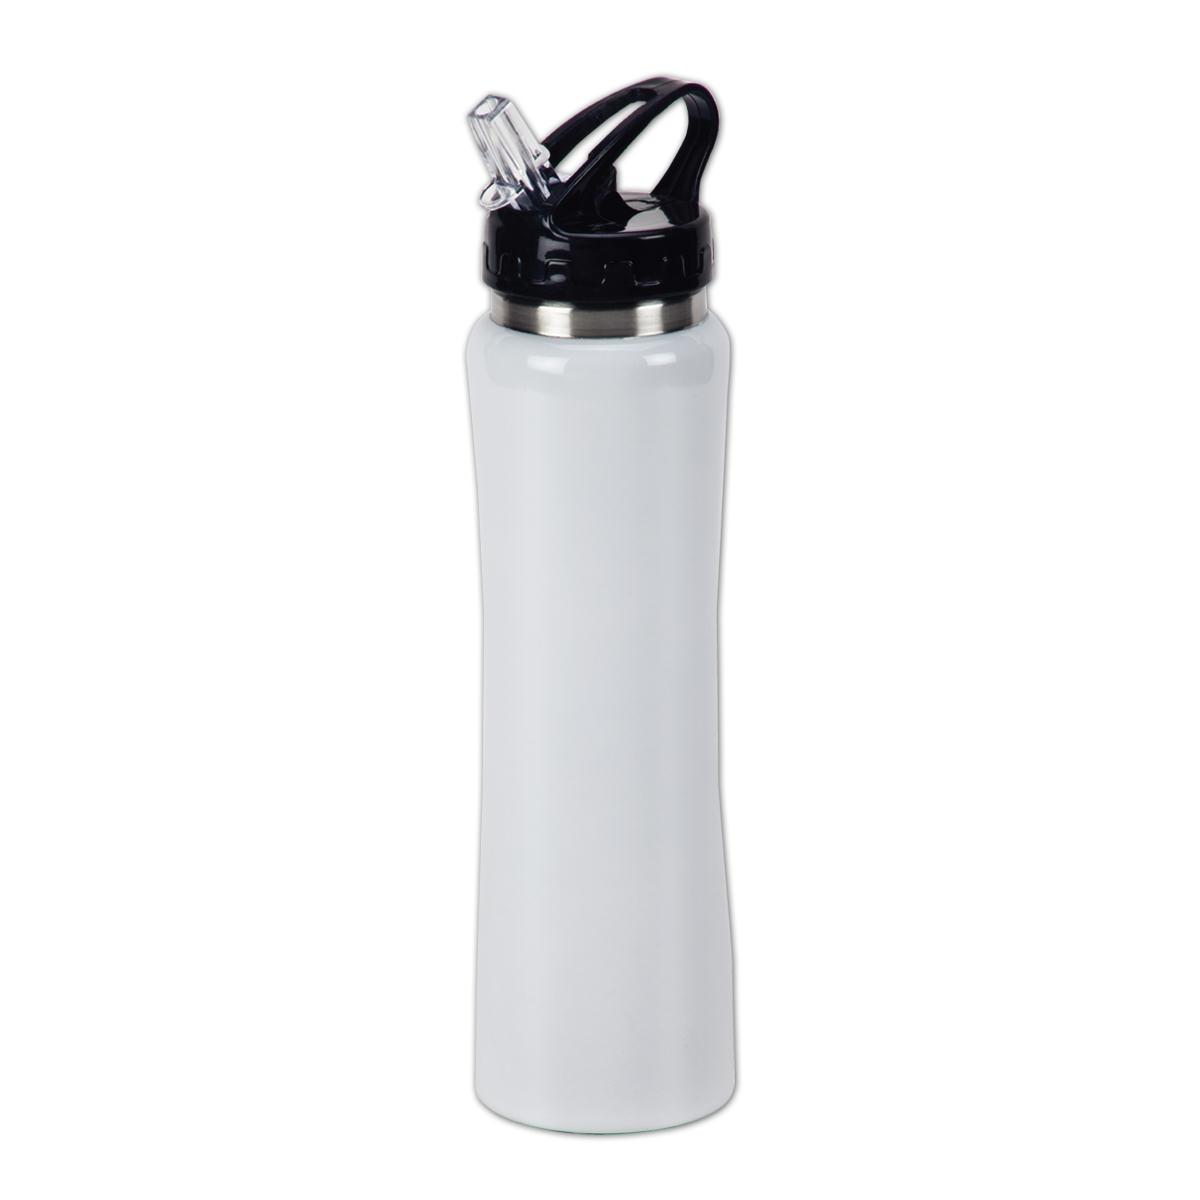 בקבוק שתיה, גוף נירוסטה - סביליה